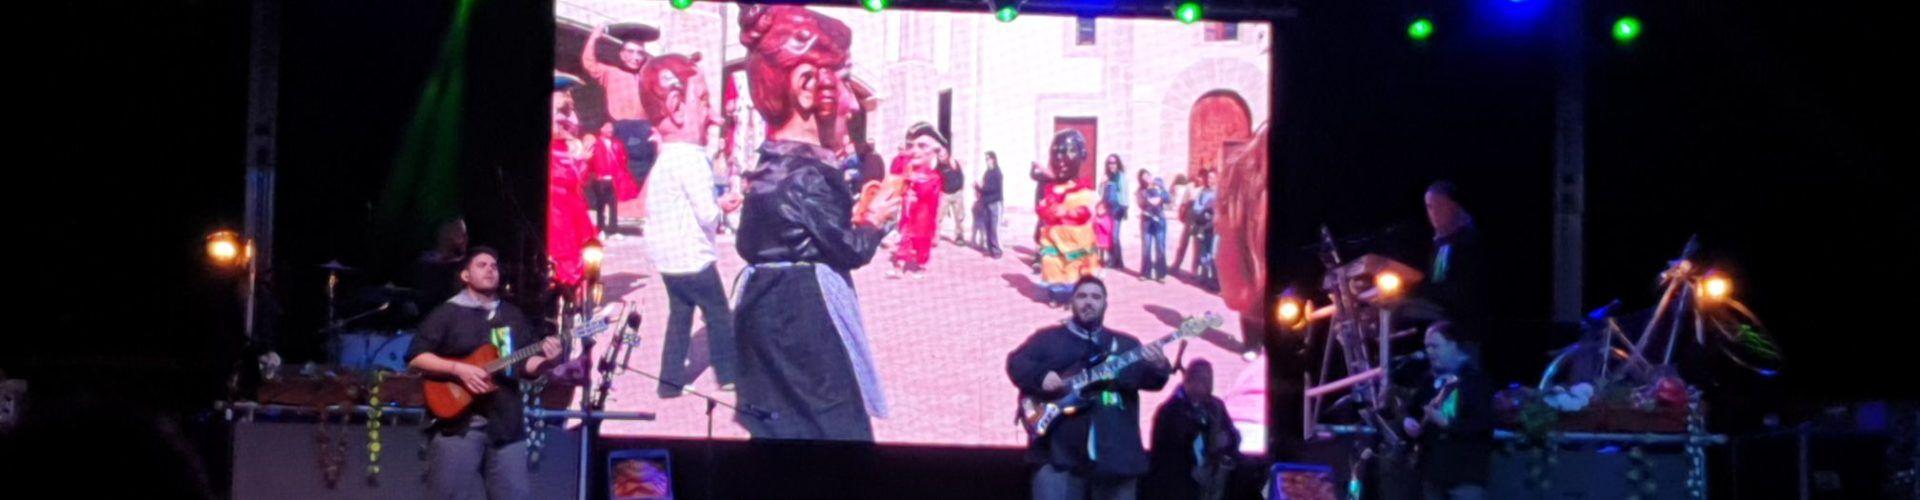 Un gran espectacle a Vinaròs de música valenciana amb Centauro i el Grup Maestrat